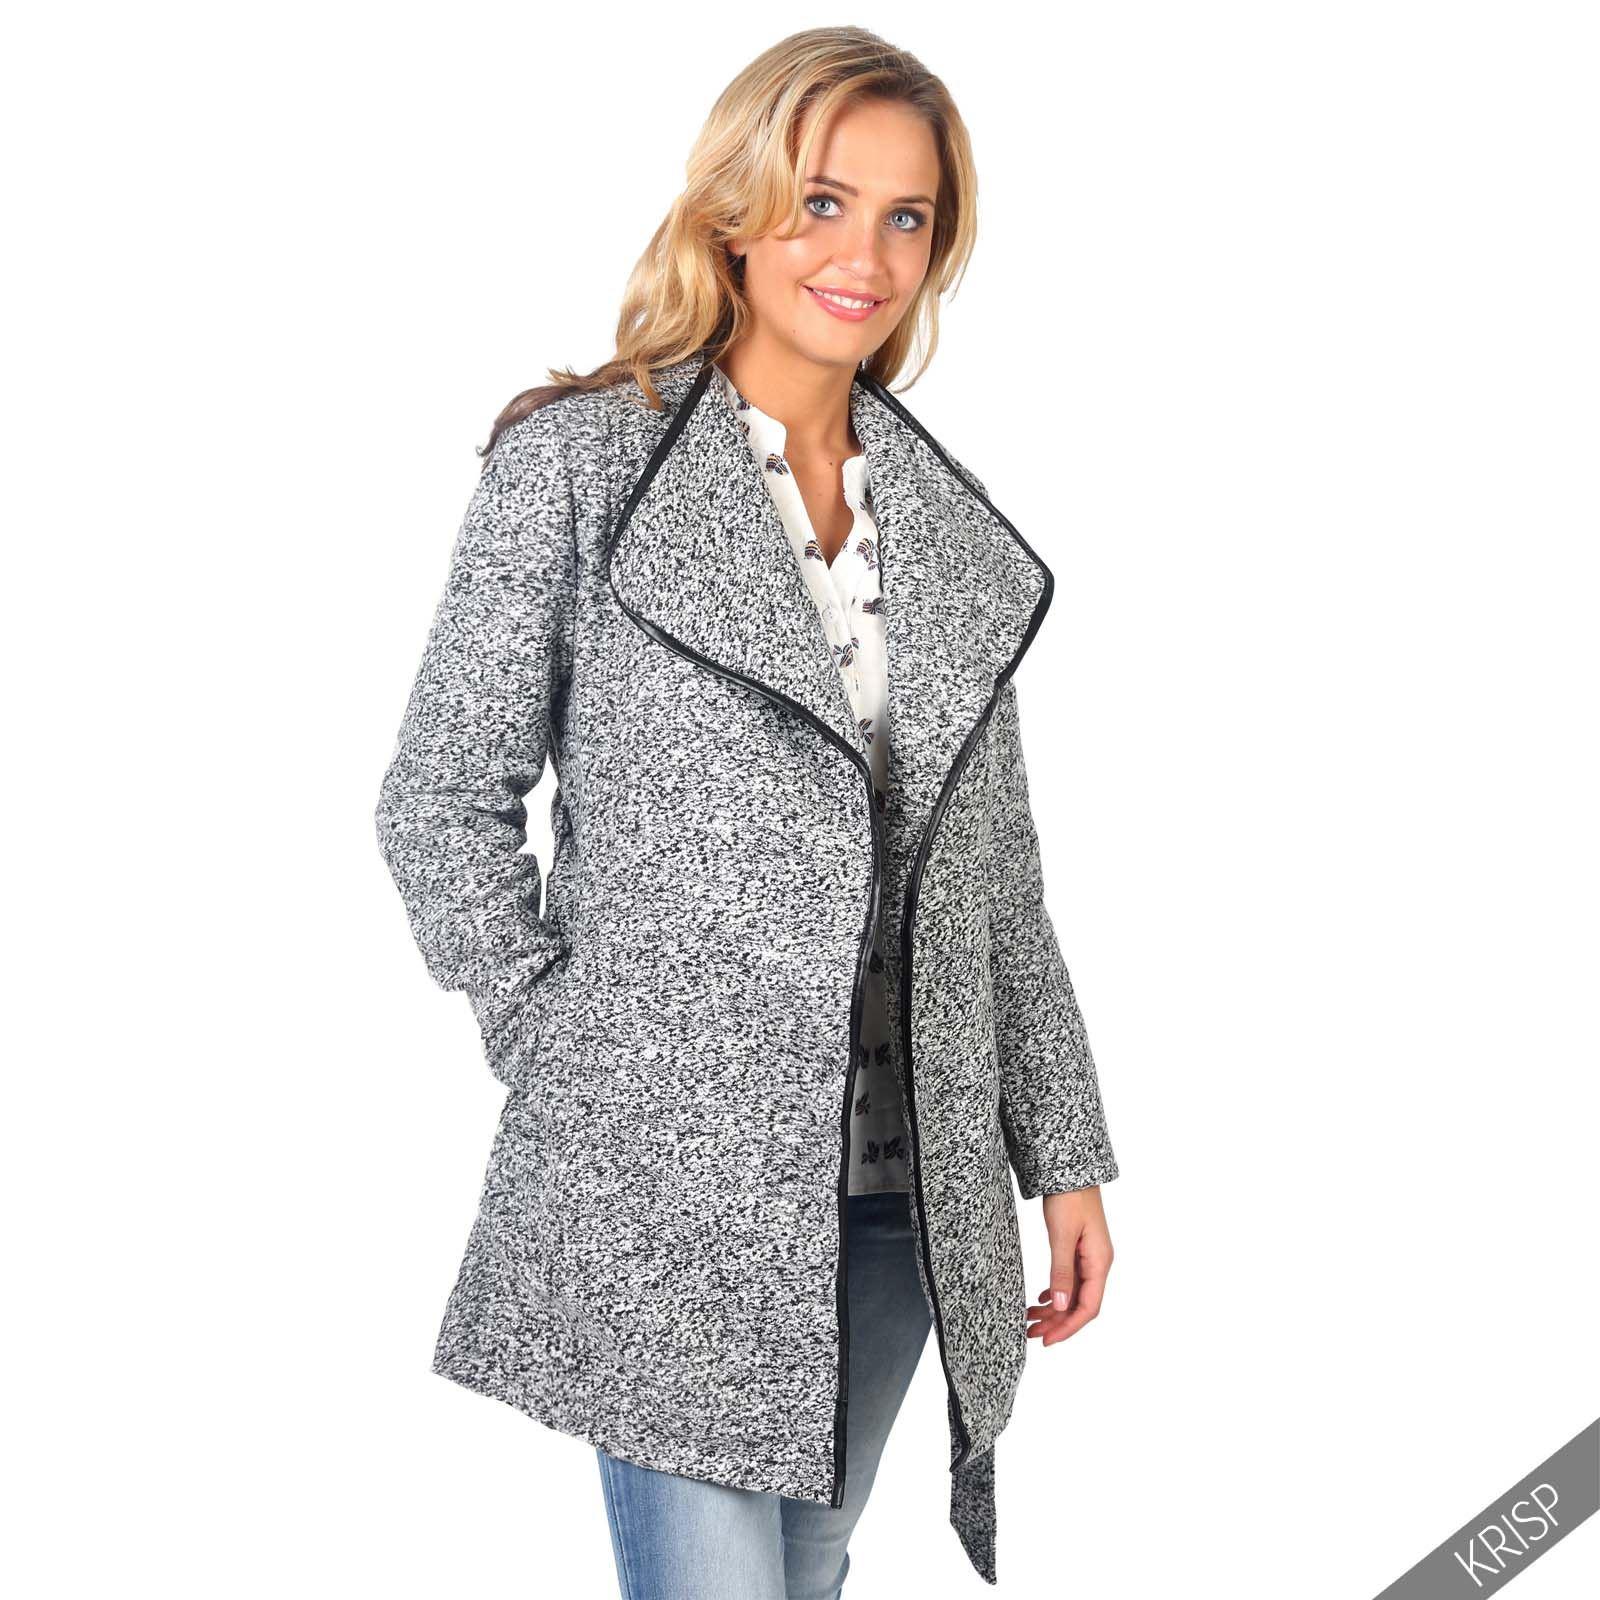 Fleece lined jacket women